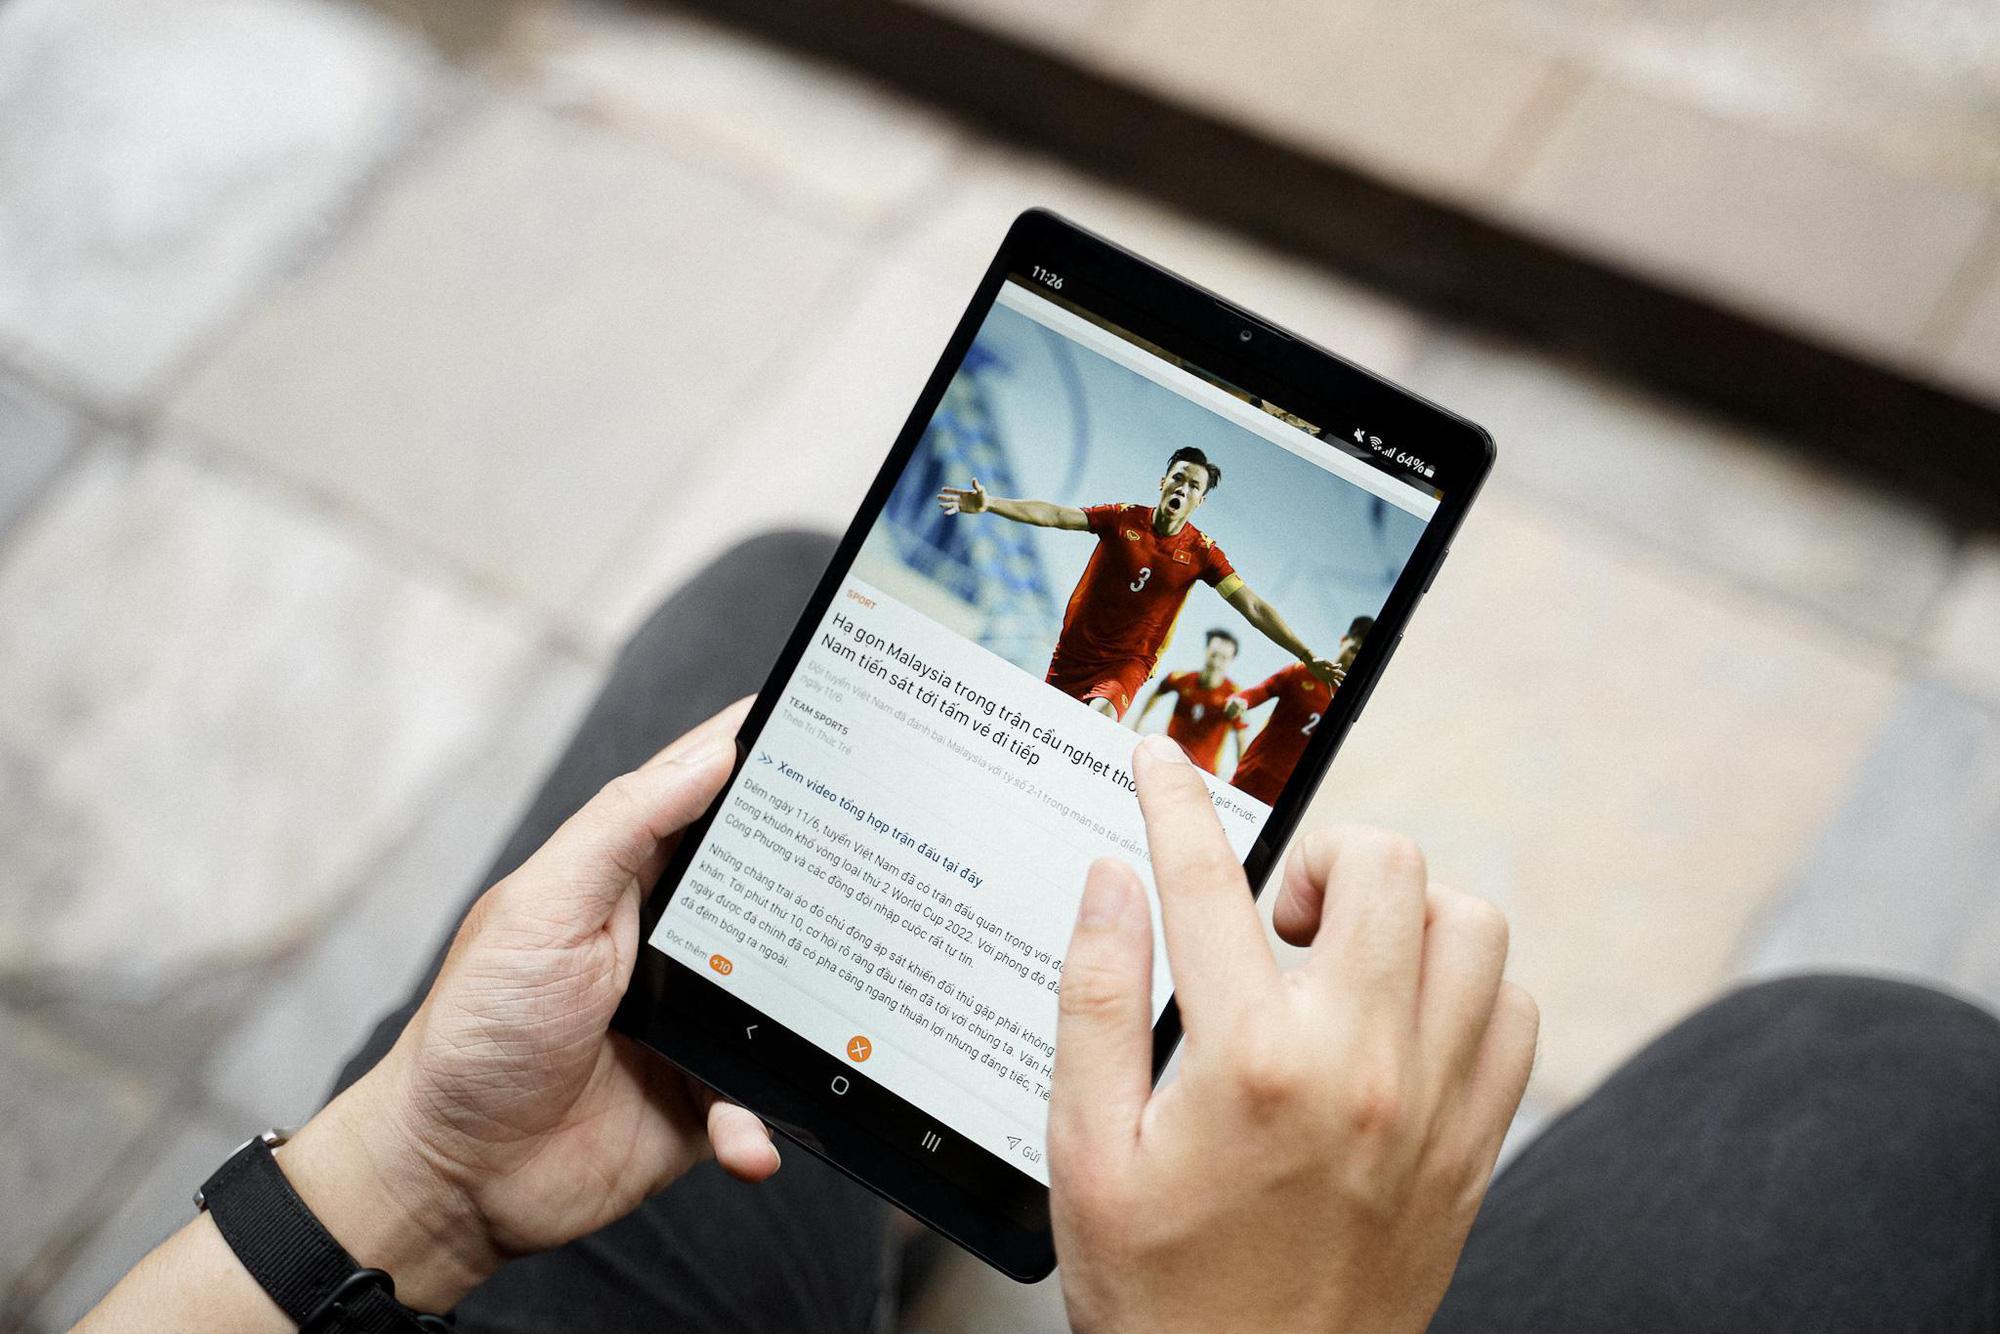 Nhìn những hình ảnh này mới thấy tablet phổ thông giờ vừa đẹp vừa xịn khác gì hàng cao cấp đâu - Ảnh 5.